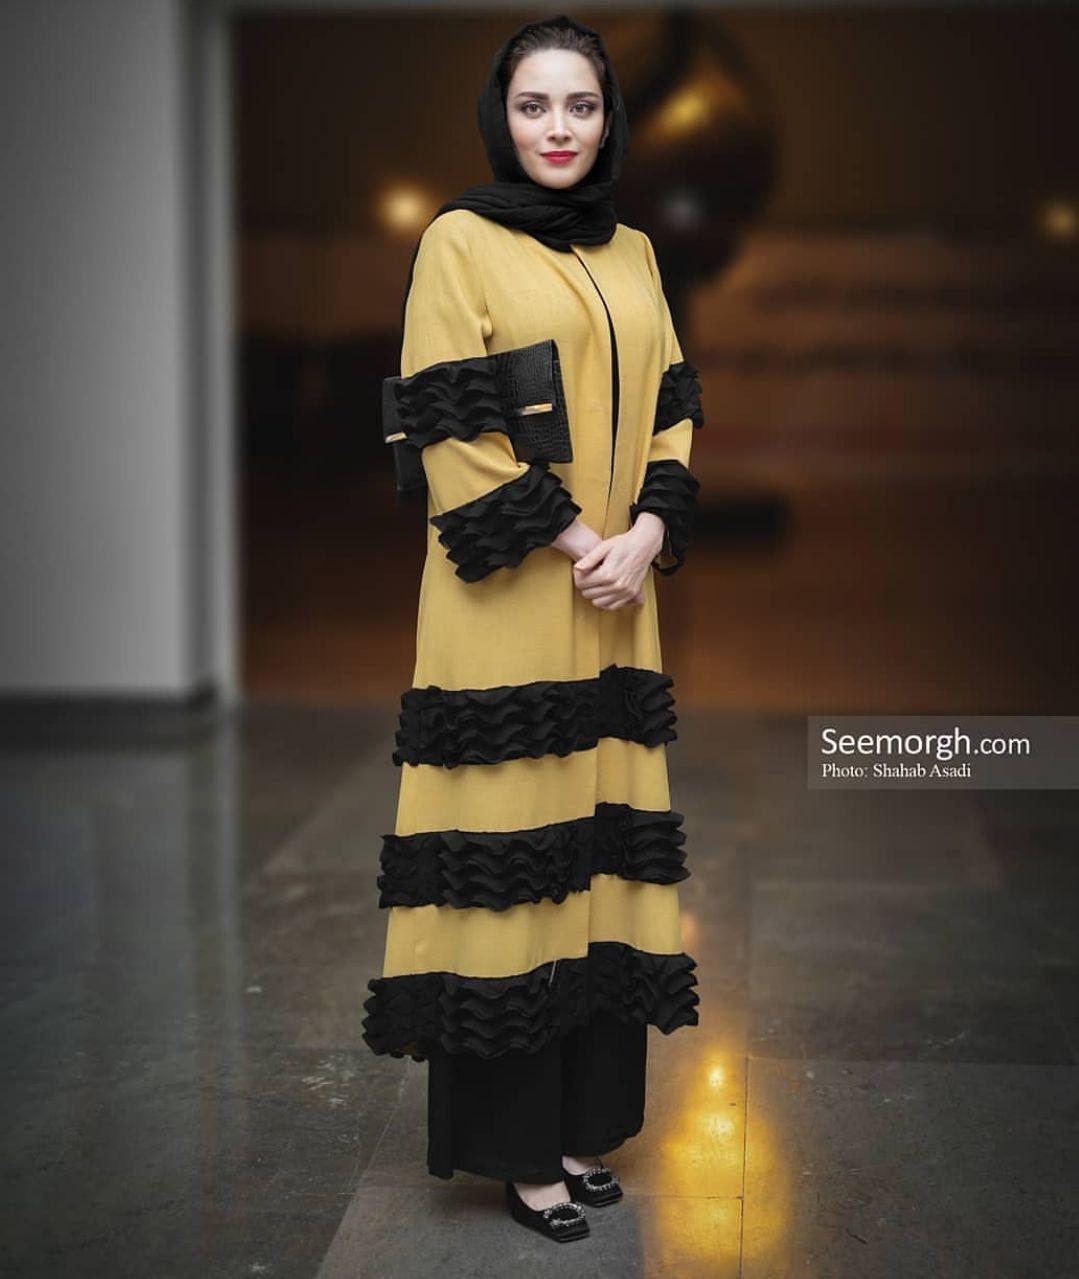 عکس: تیپ زرد و مشکی به سبک «بهنوش طباطبایی»